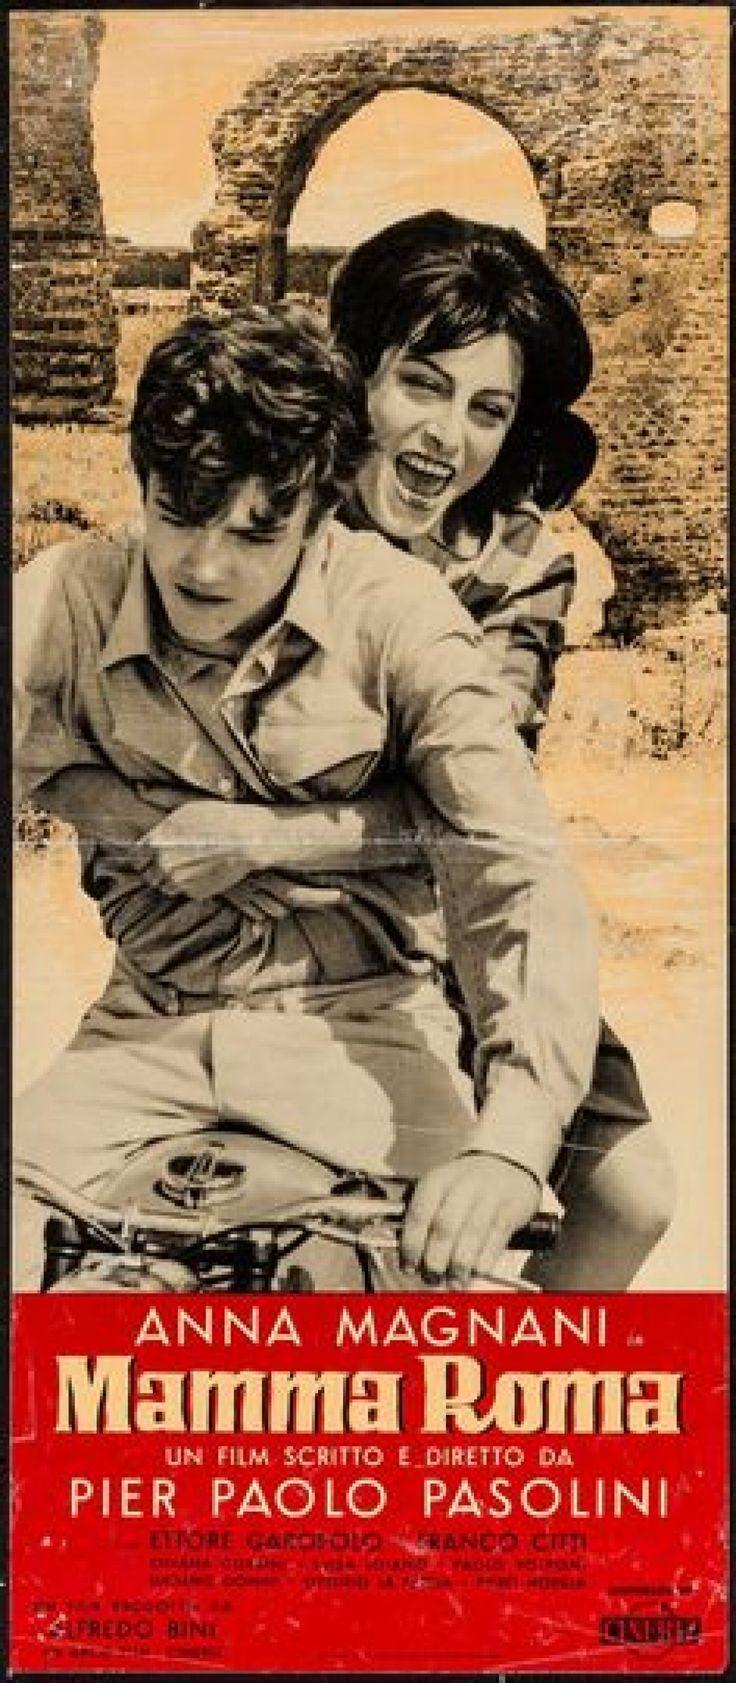 """Προβολή ταινίας στα Χανιά: """"Μάμα Ρόμα"""" (1962), του Πιέρ Πάολο Παζολίνι"""